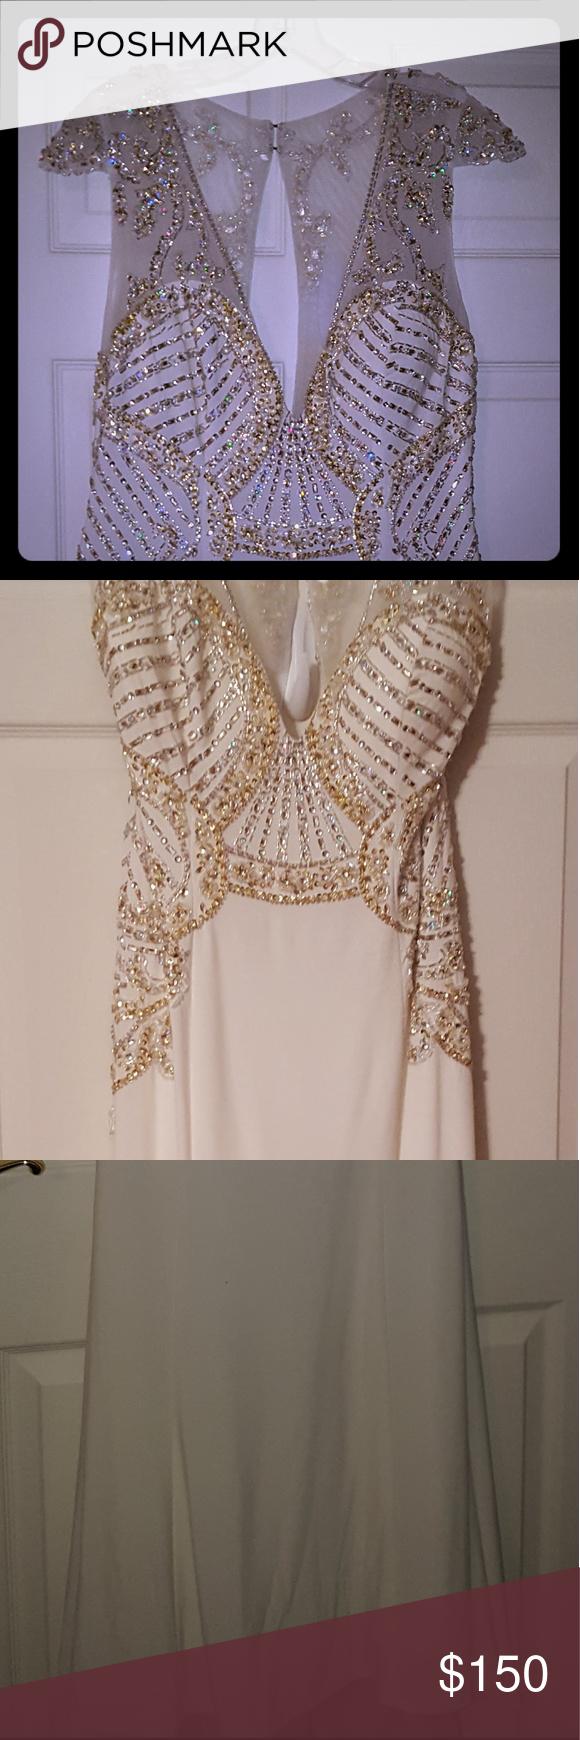 Unique vintage white gown with gold details my posh closet